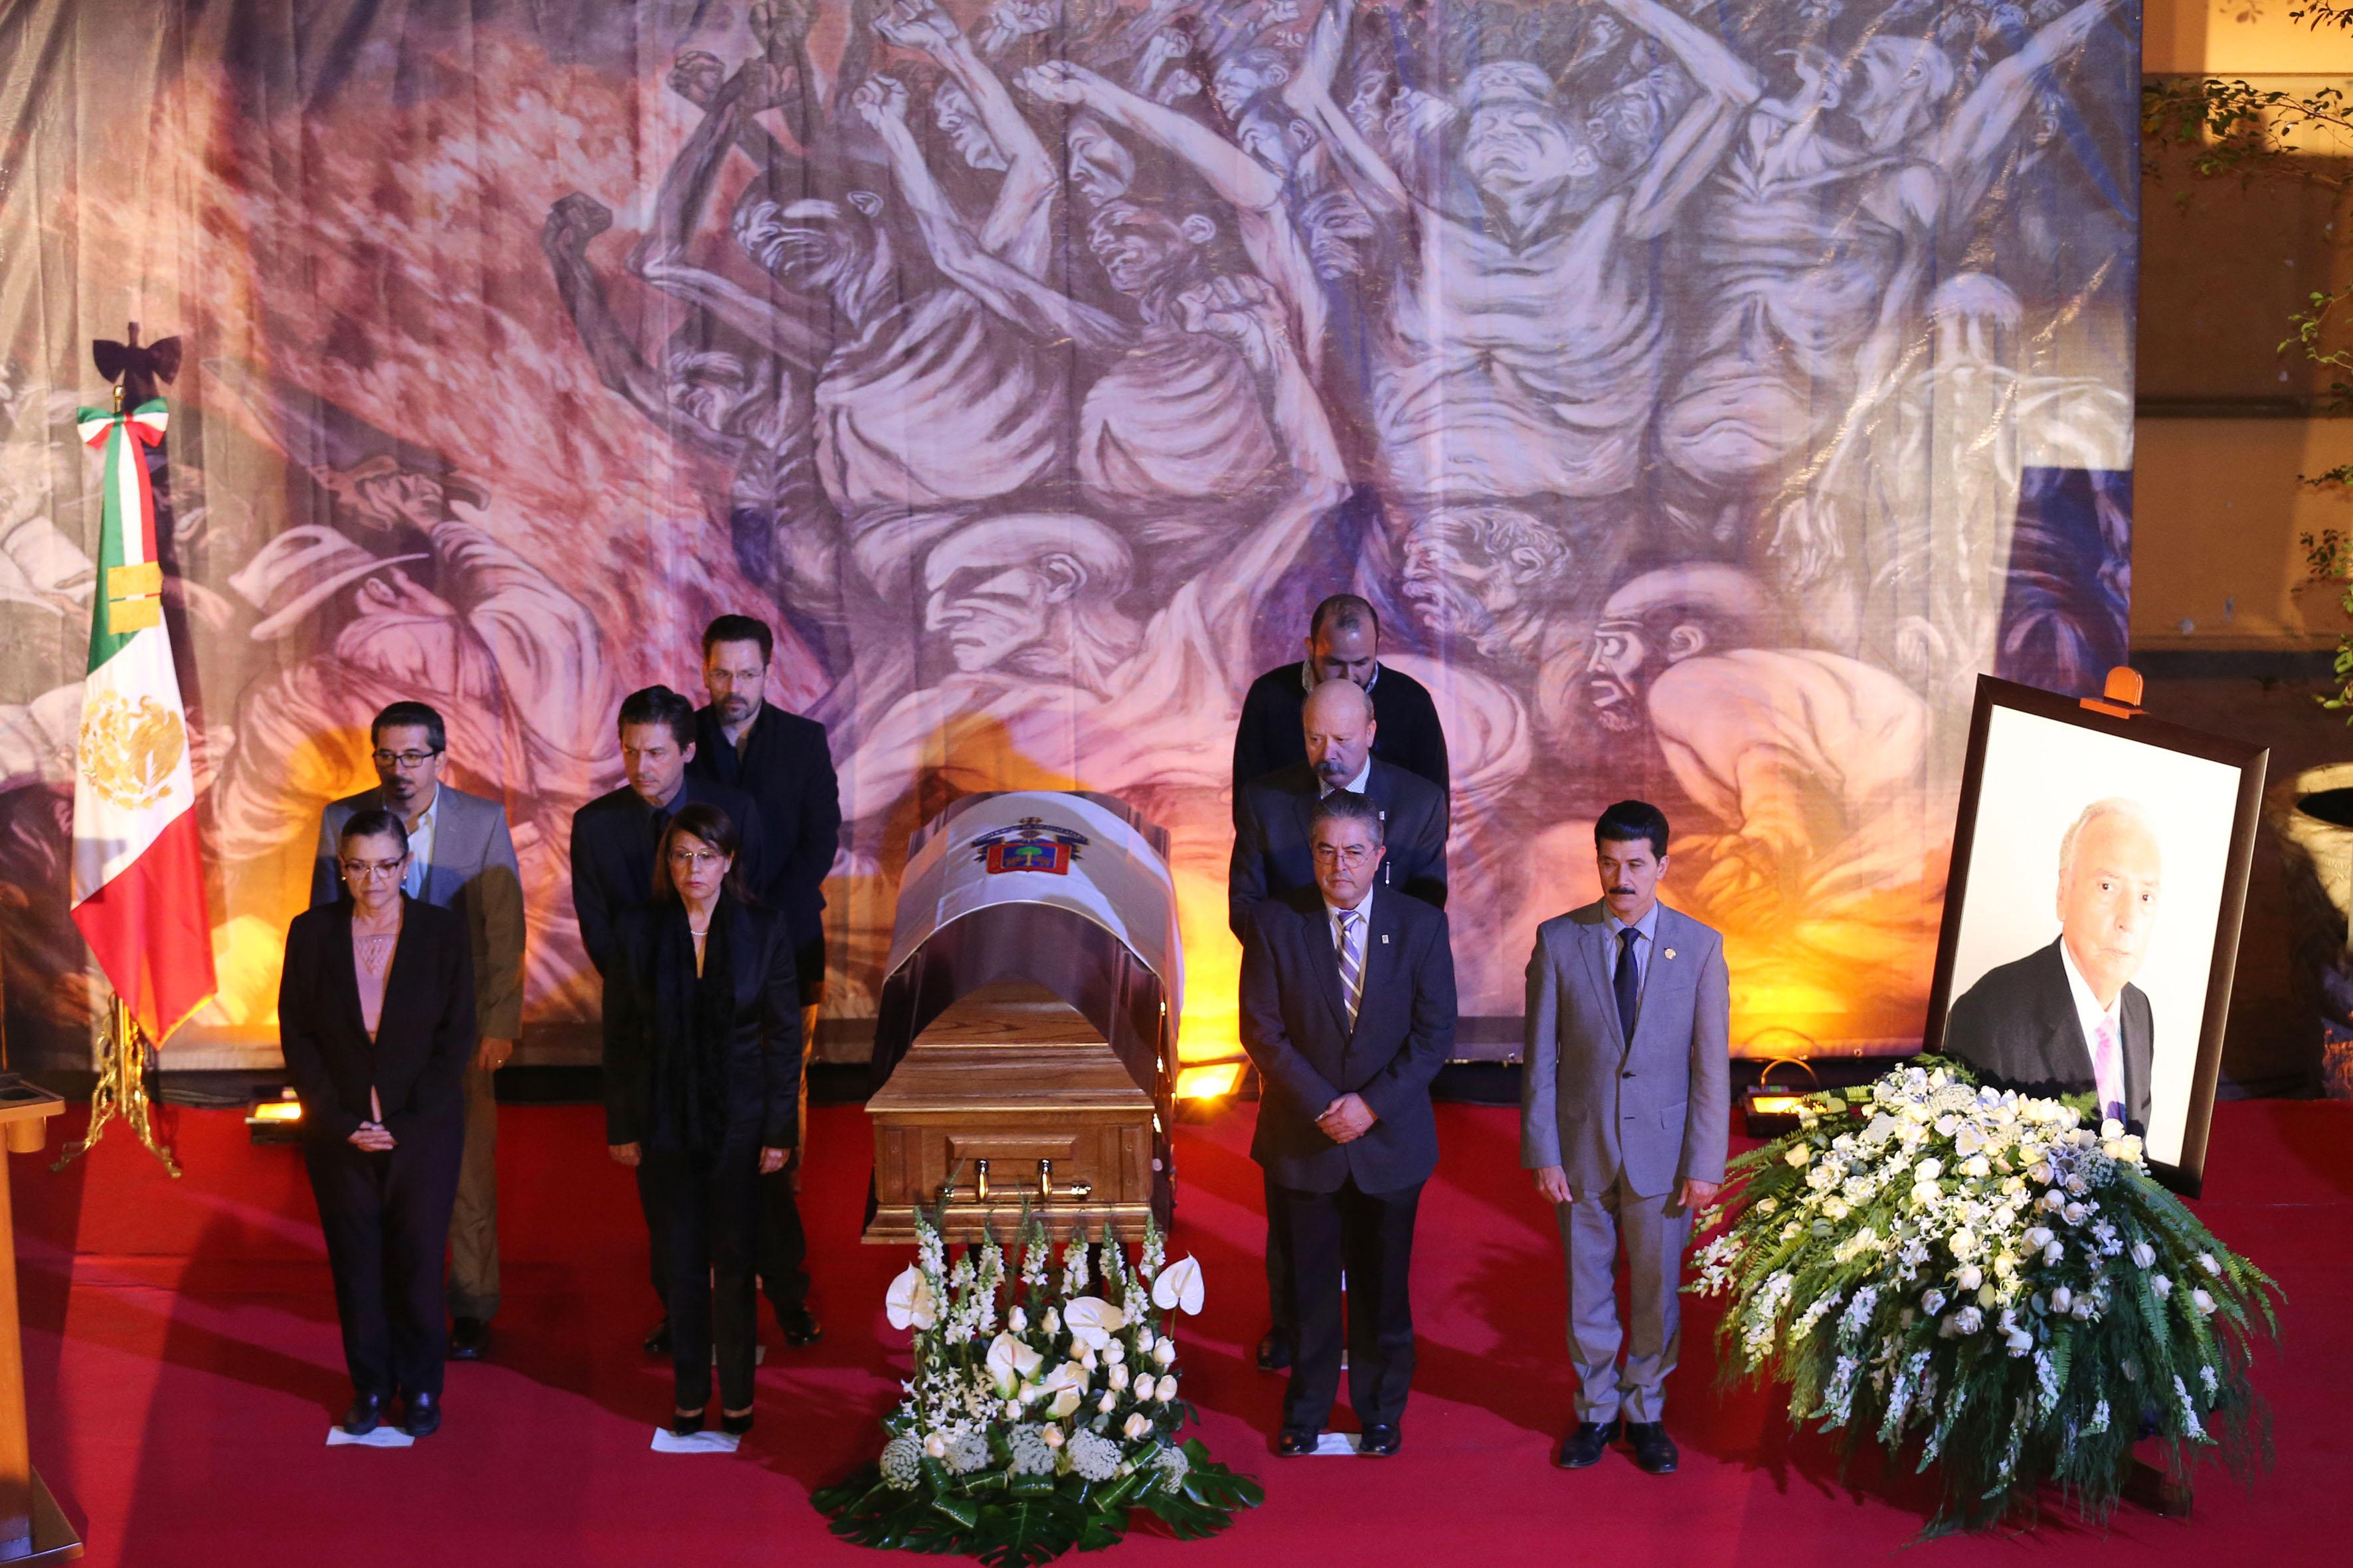 Homenaje de cuerpo presente al Maestro Emérito, Doctor José Luis Leal Sanabria, llevado a cabo en el Ex Claustro de San Agustín.